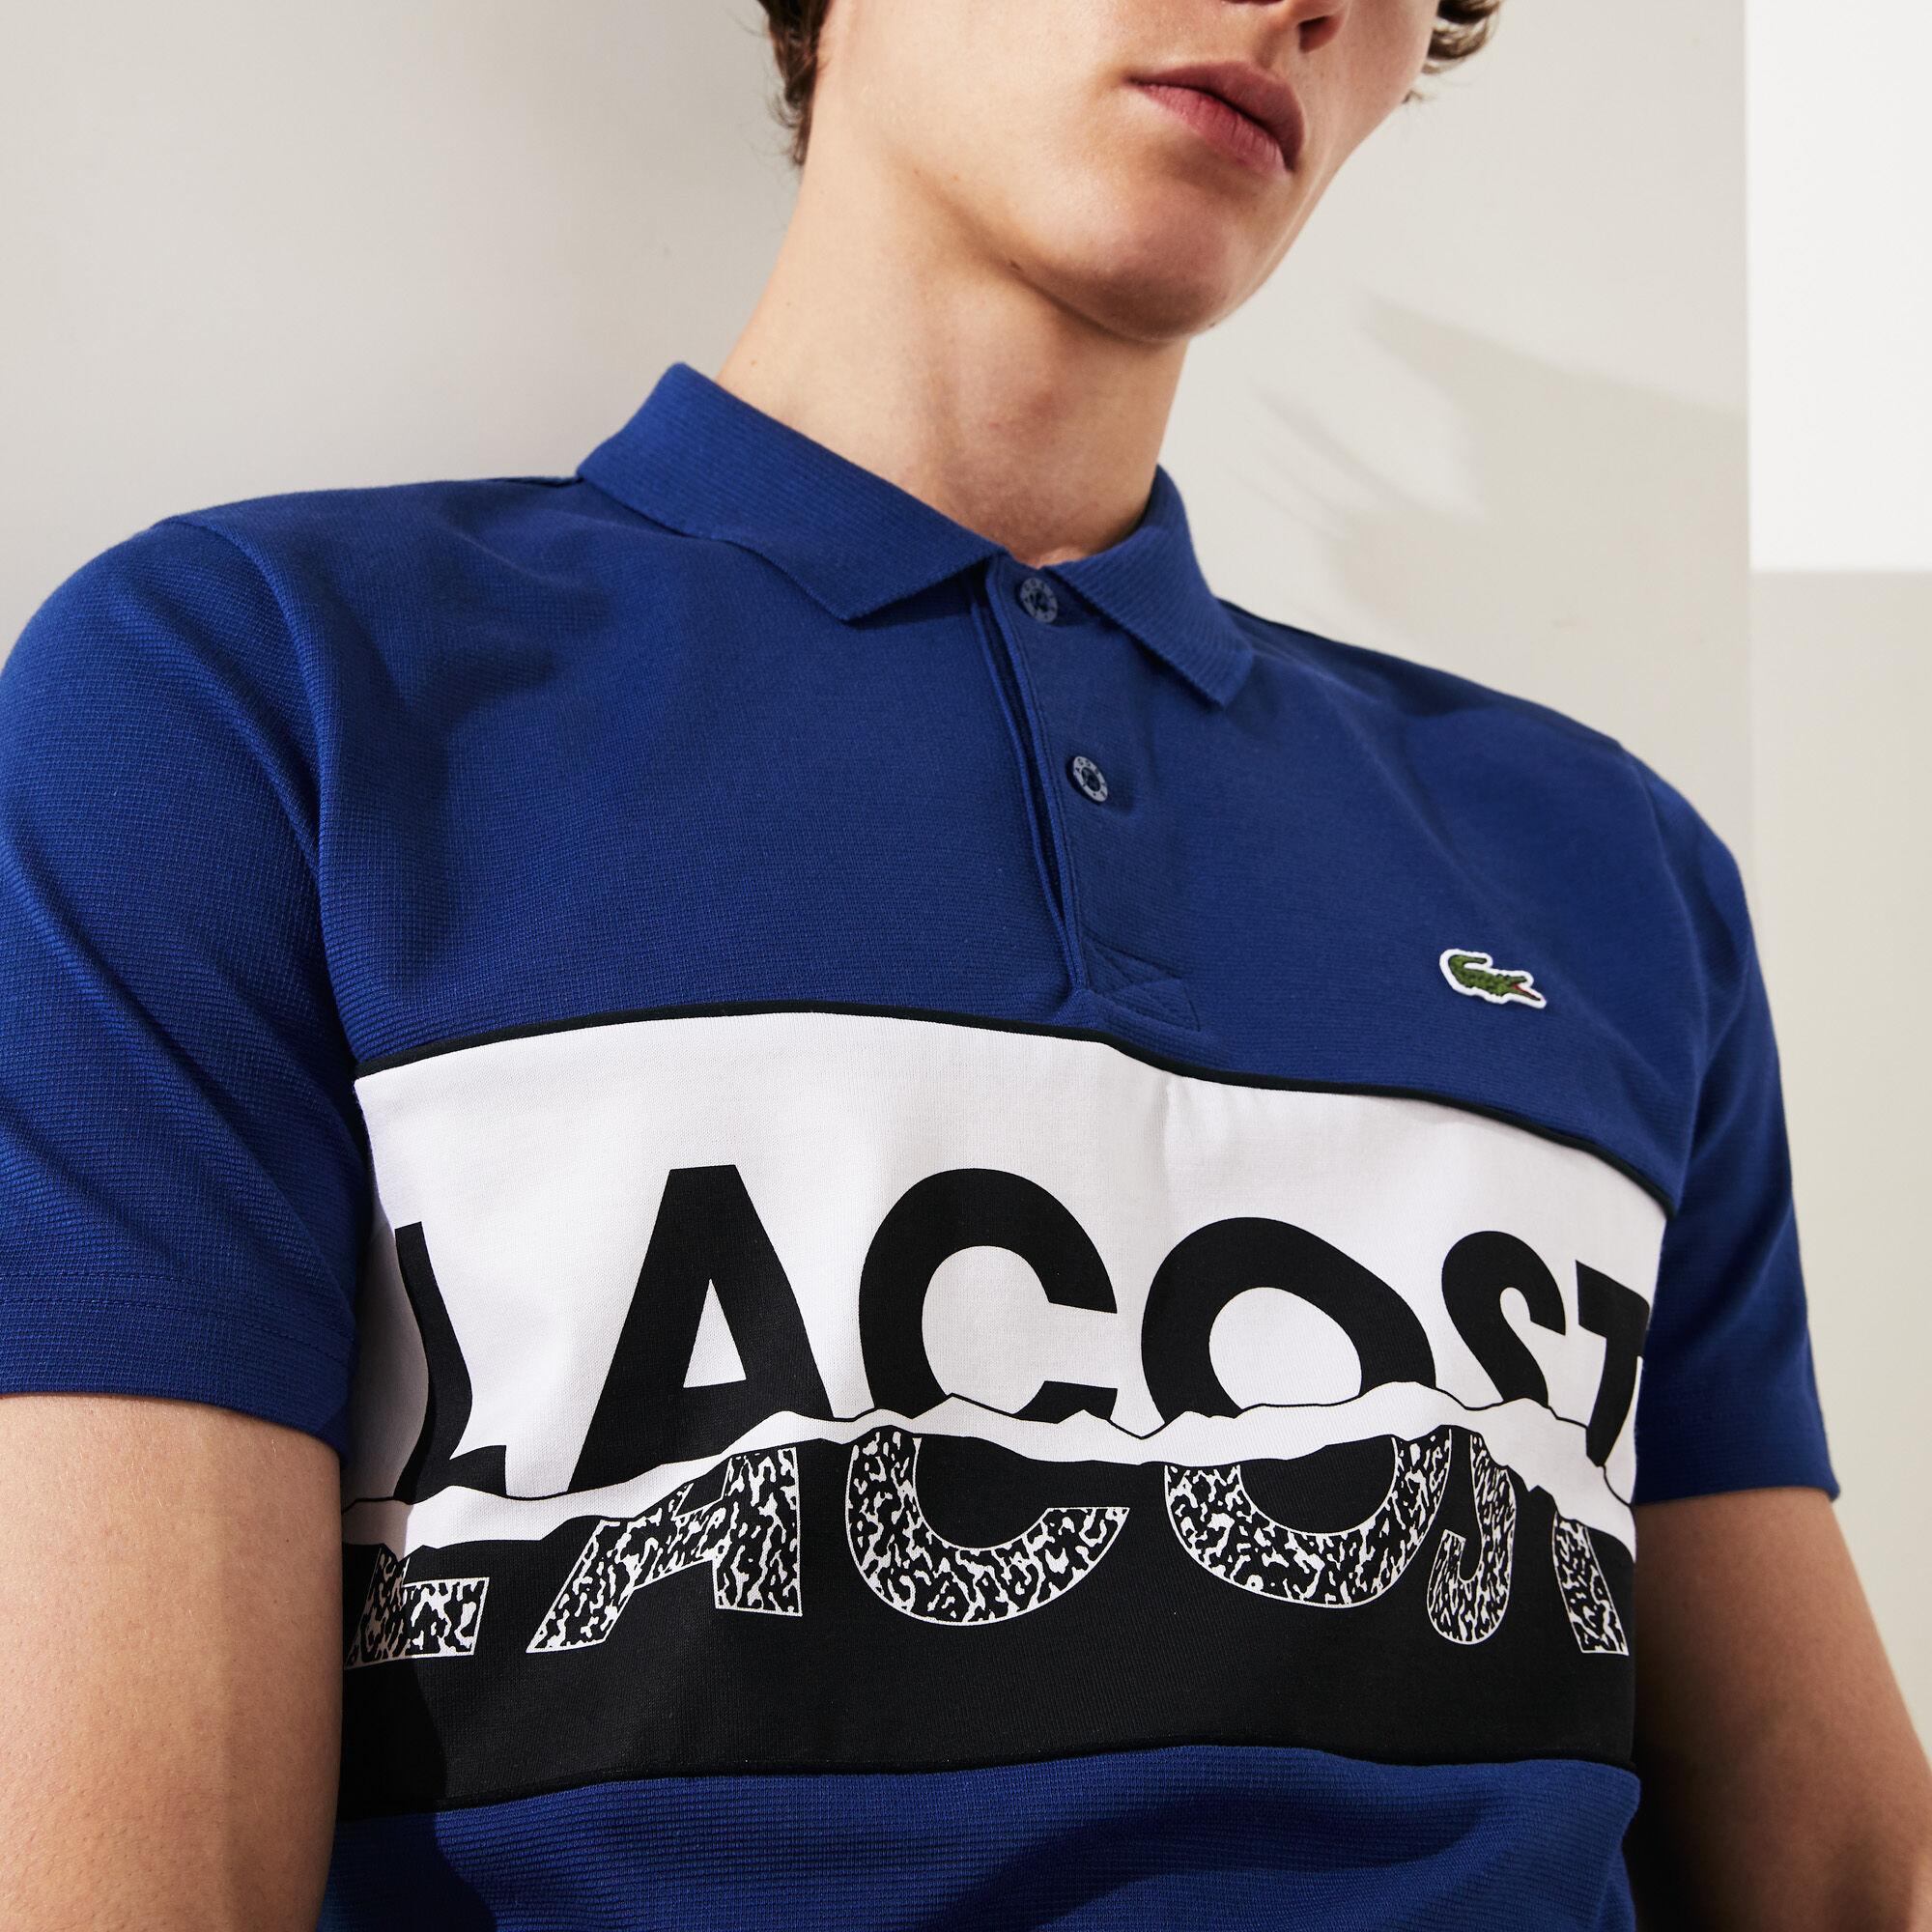 قميص بولو قطني فائق الخفة مزدان بطبعة غرافيك من مجموعة Lacoste SPORT للرجال